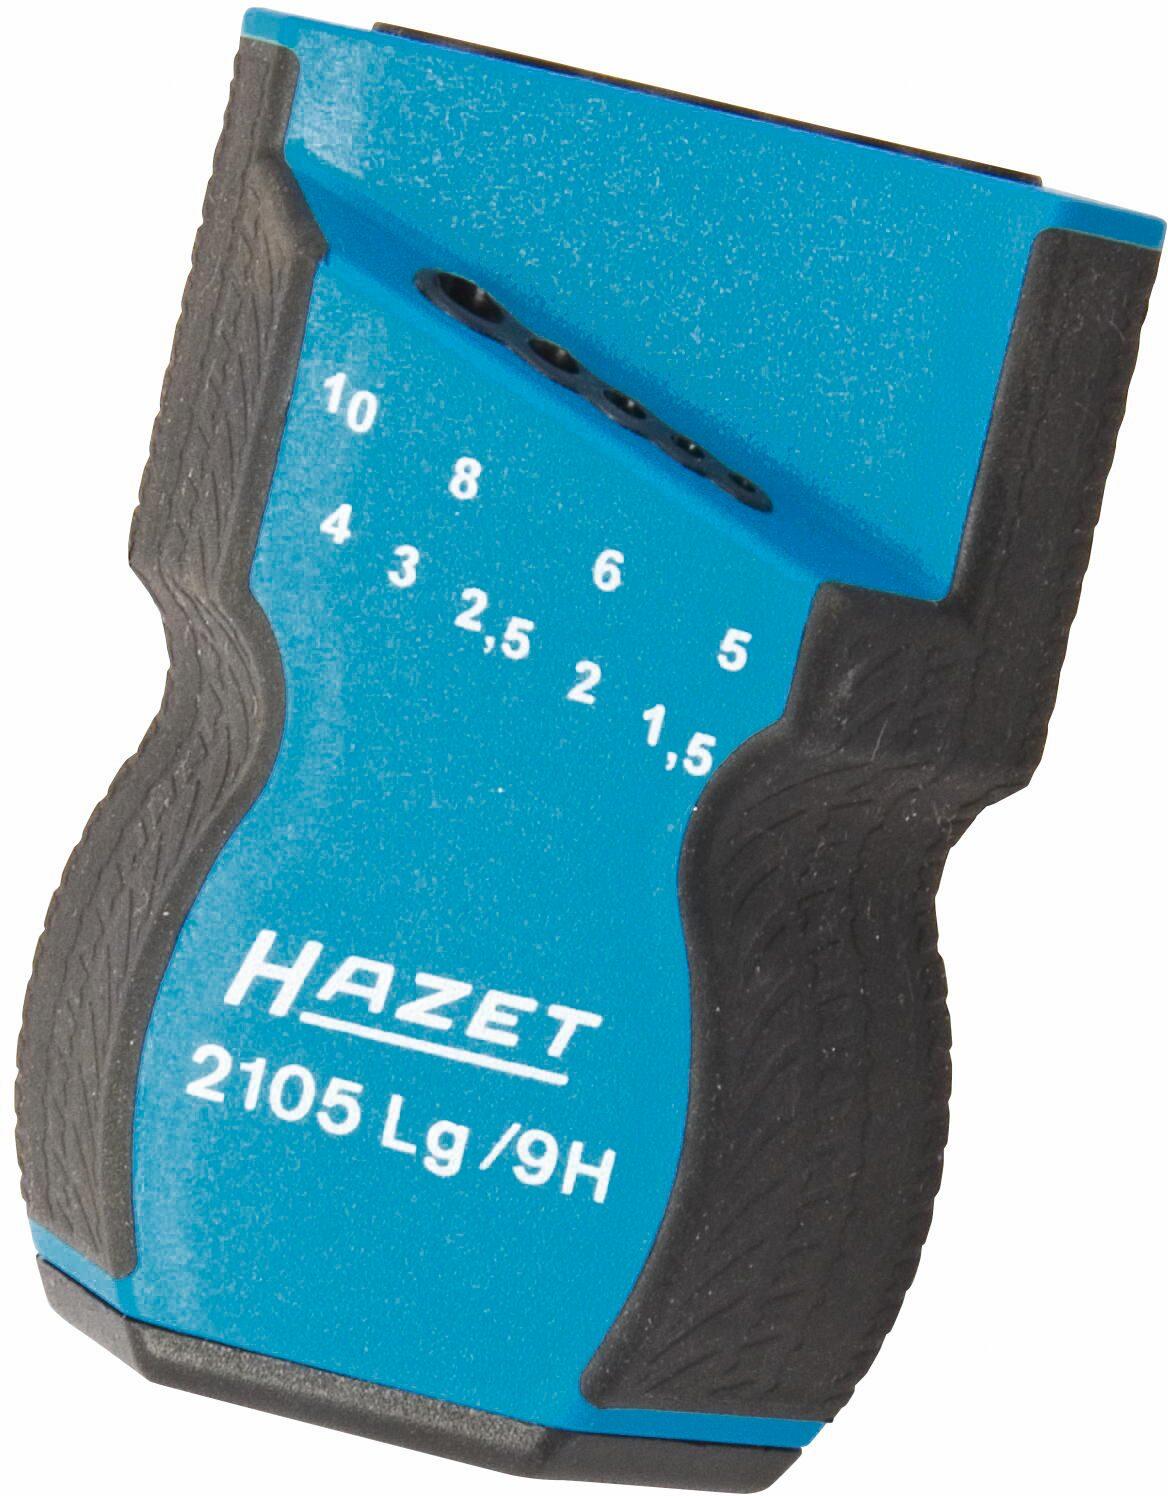 HAZET Kunststoff-Halter ∙ leer 2105LG/9HL